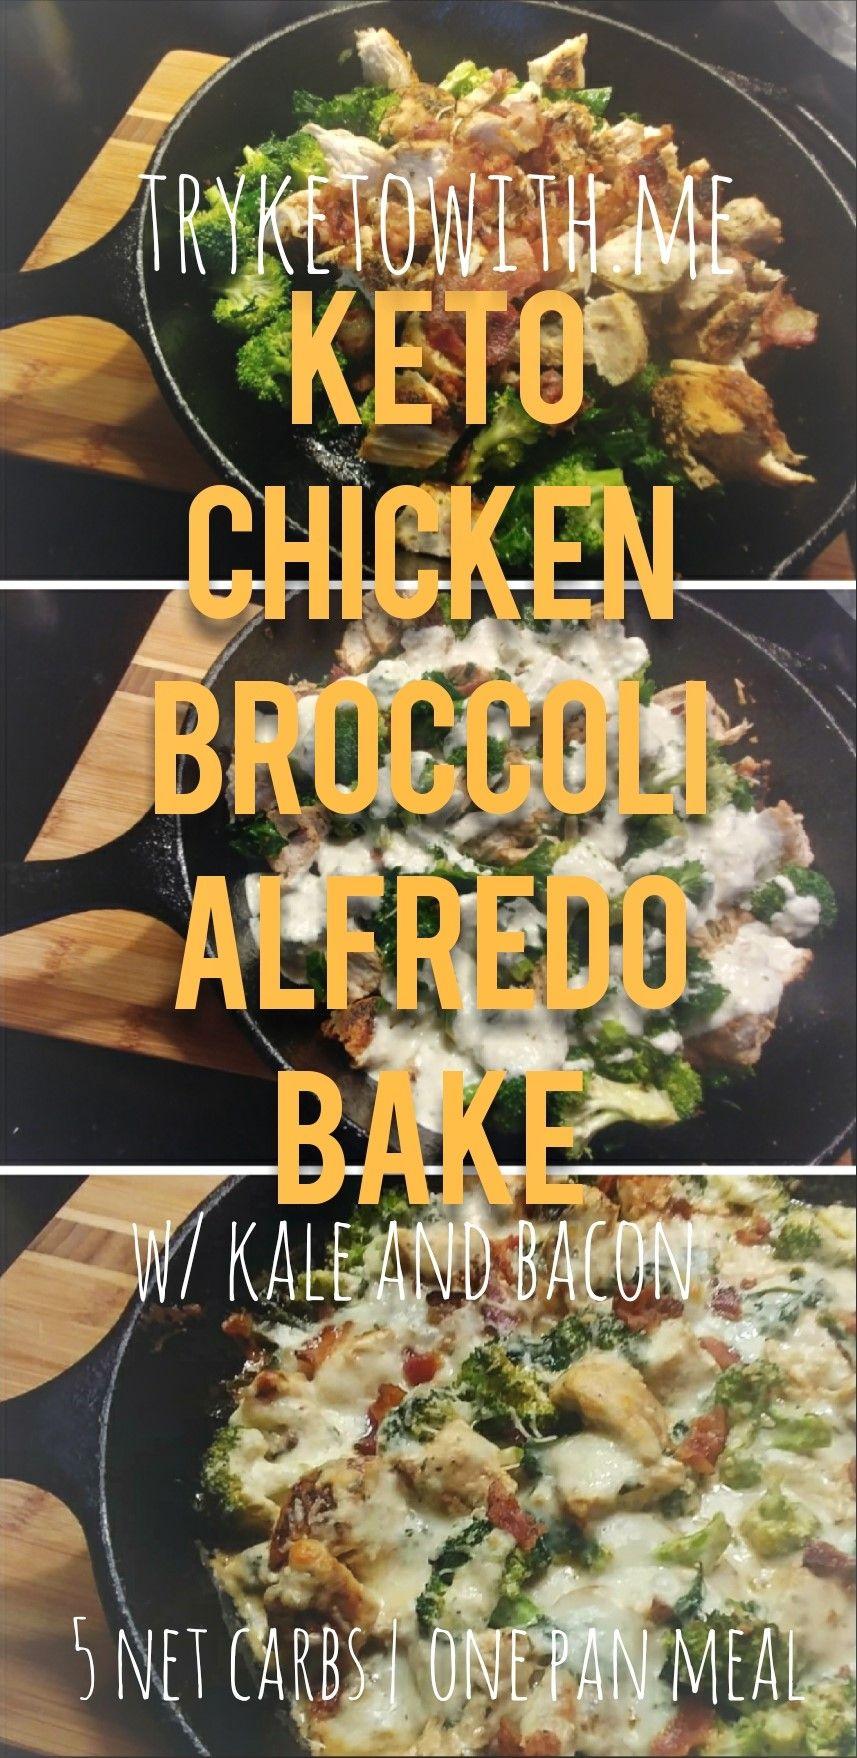 Keto Chicken And Broccoli Alfredo Bake  Recipe  Keto -9713